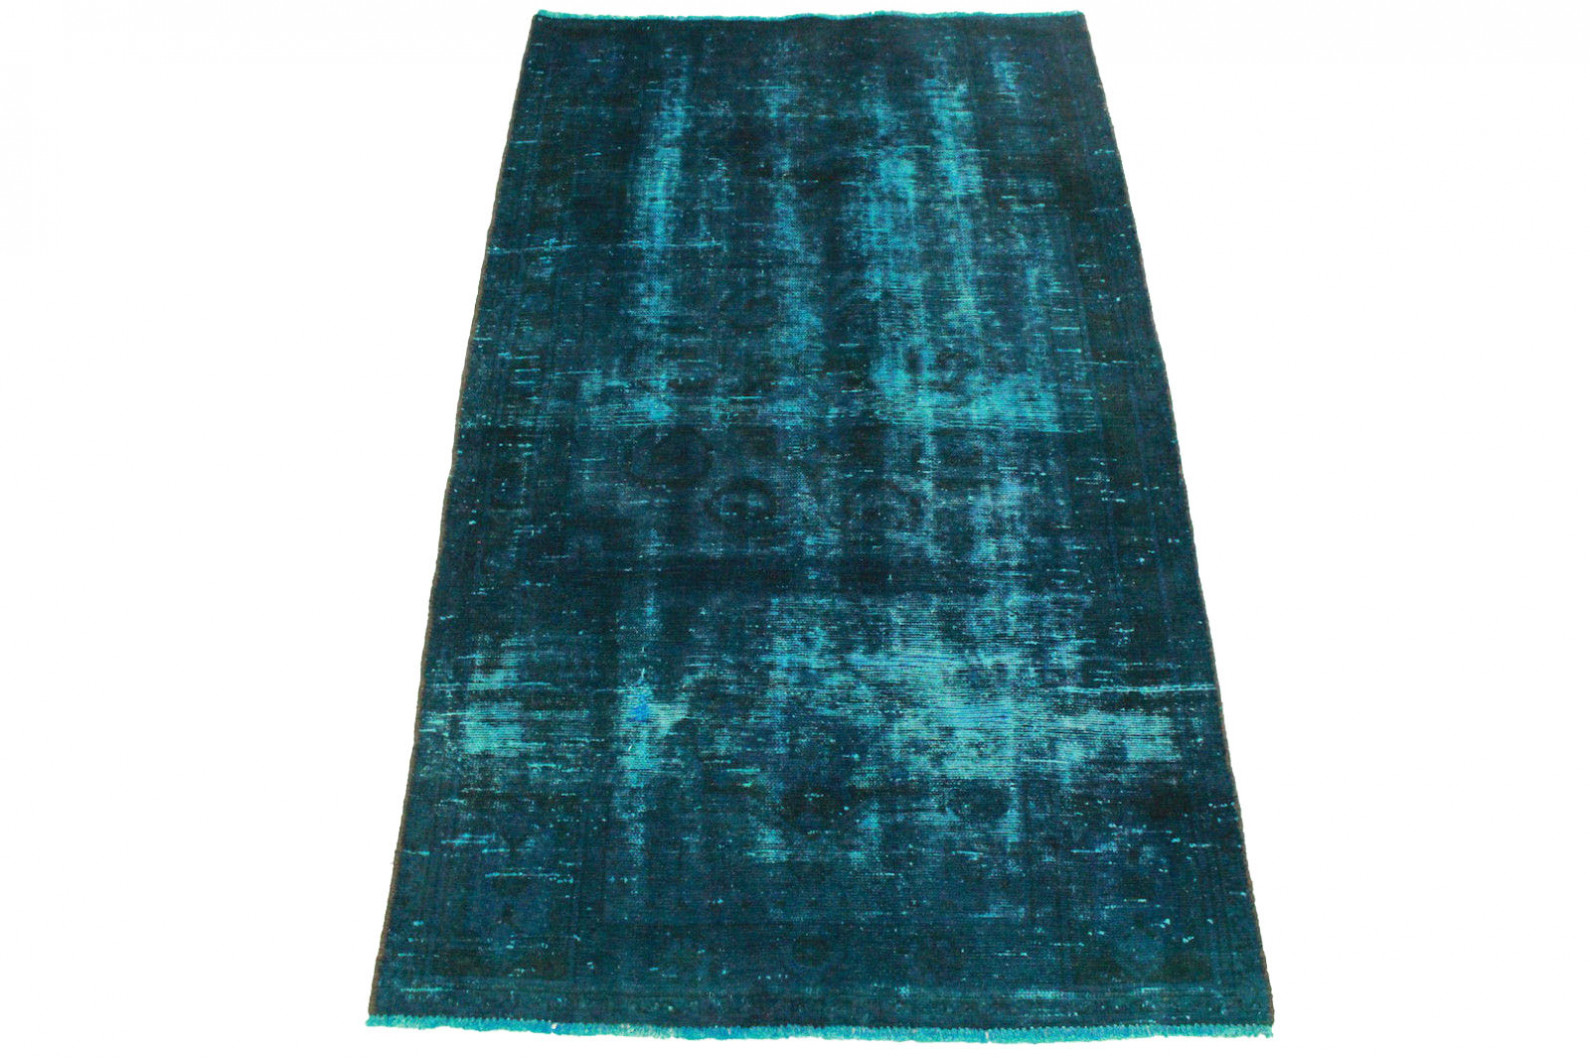 Vintage Teppich Blau in 190x110cm (1 / 5)